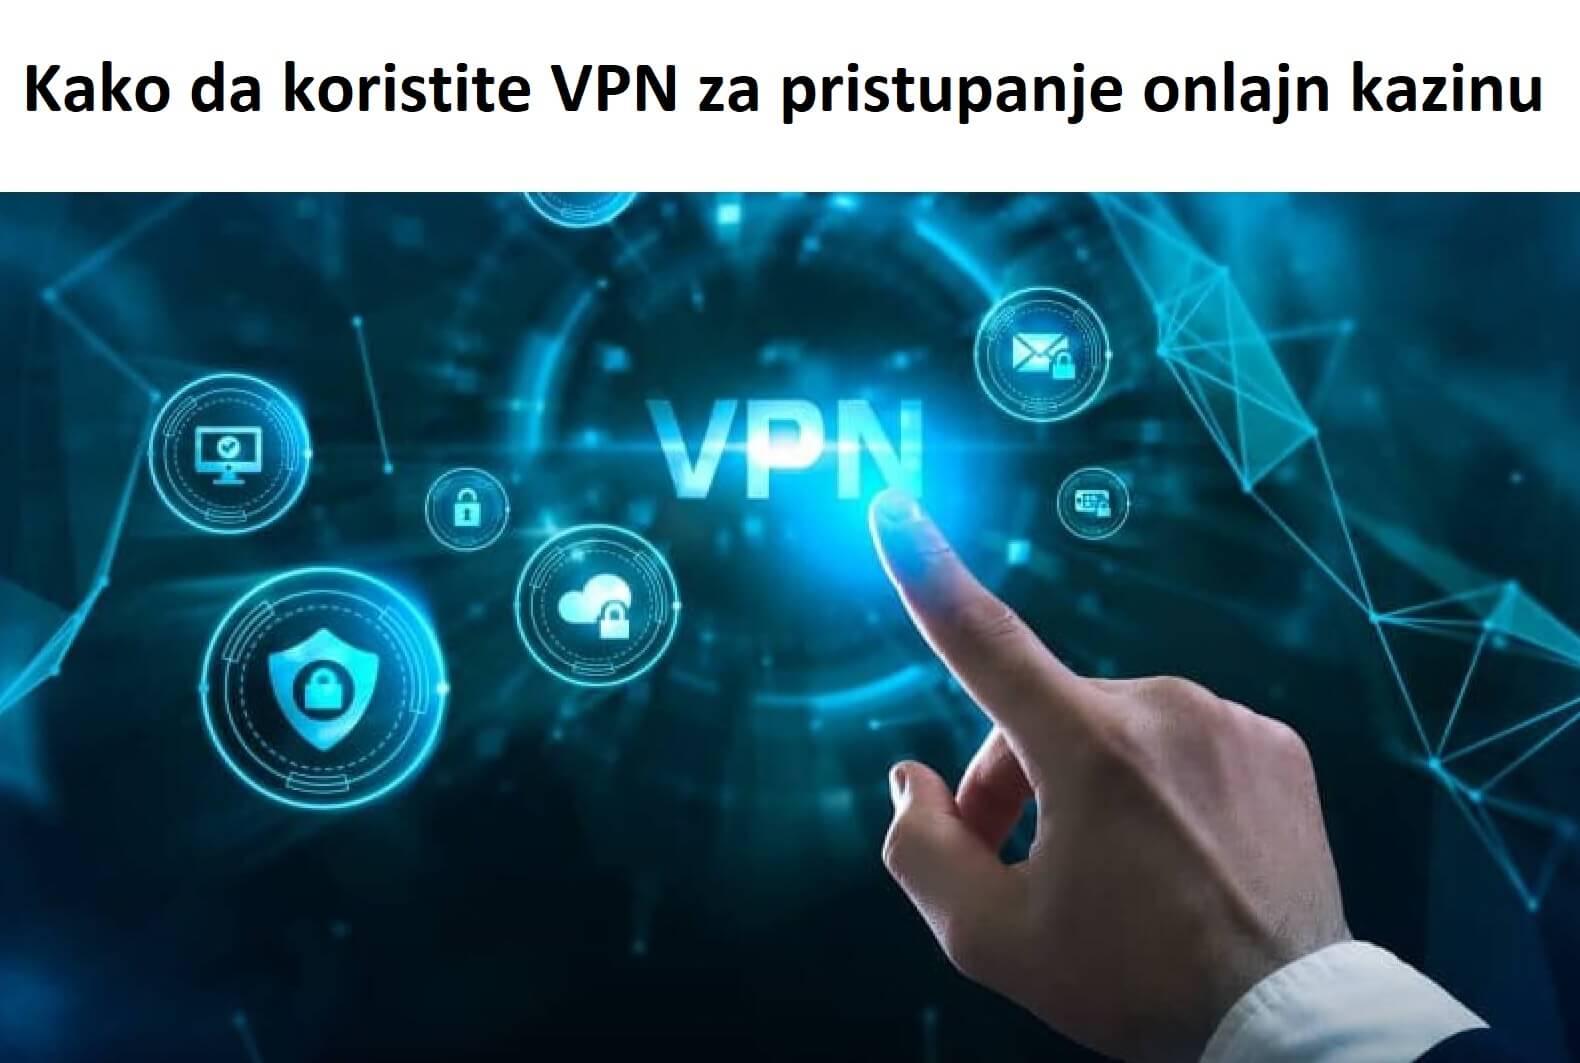 Kako da koristite VPN za pristupanje onlajn kazinu